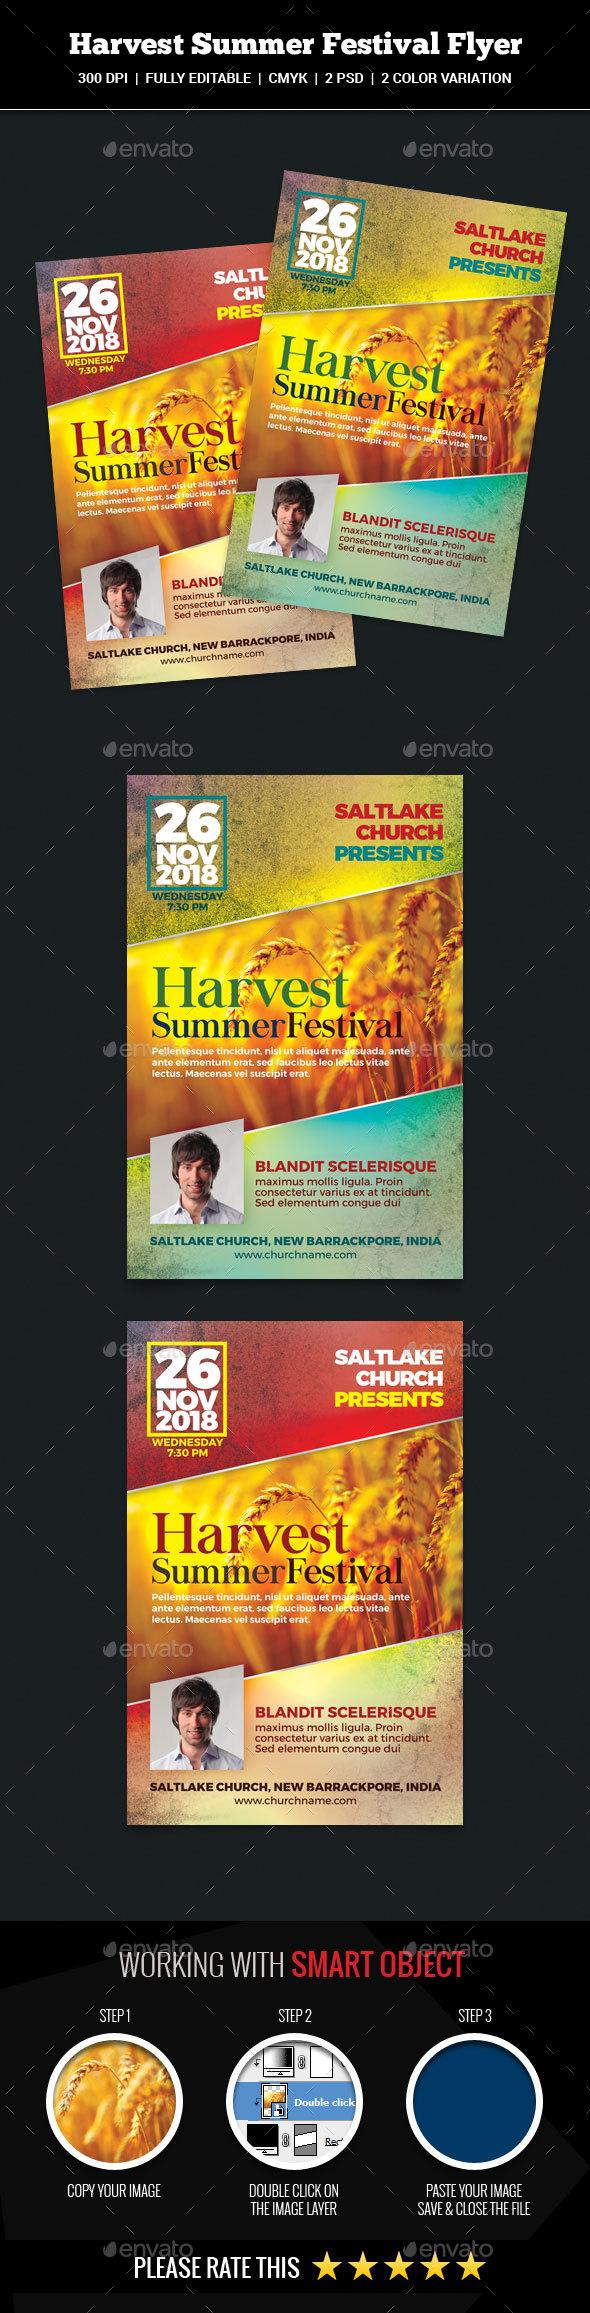 Harvest Summer Festival Flyer